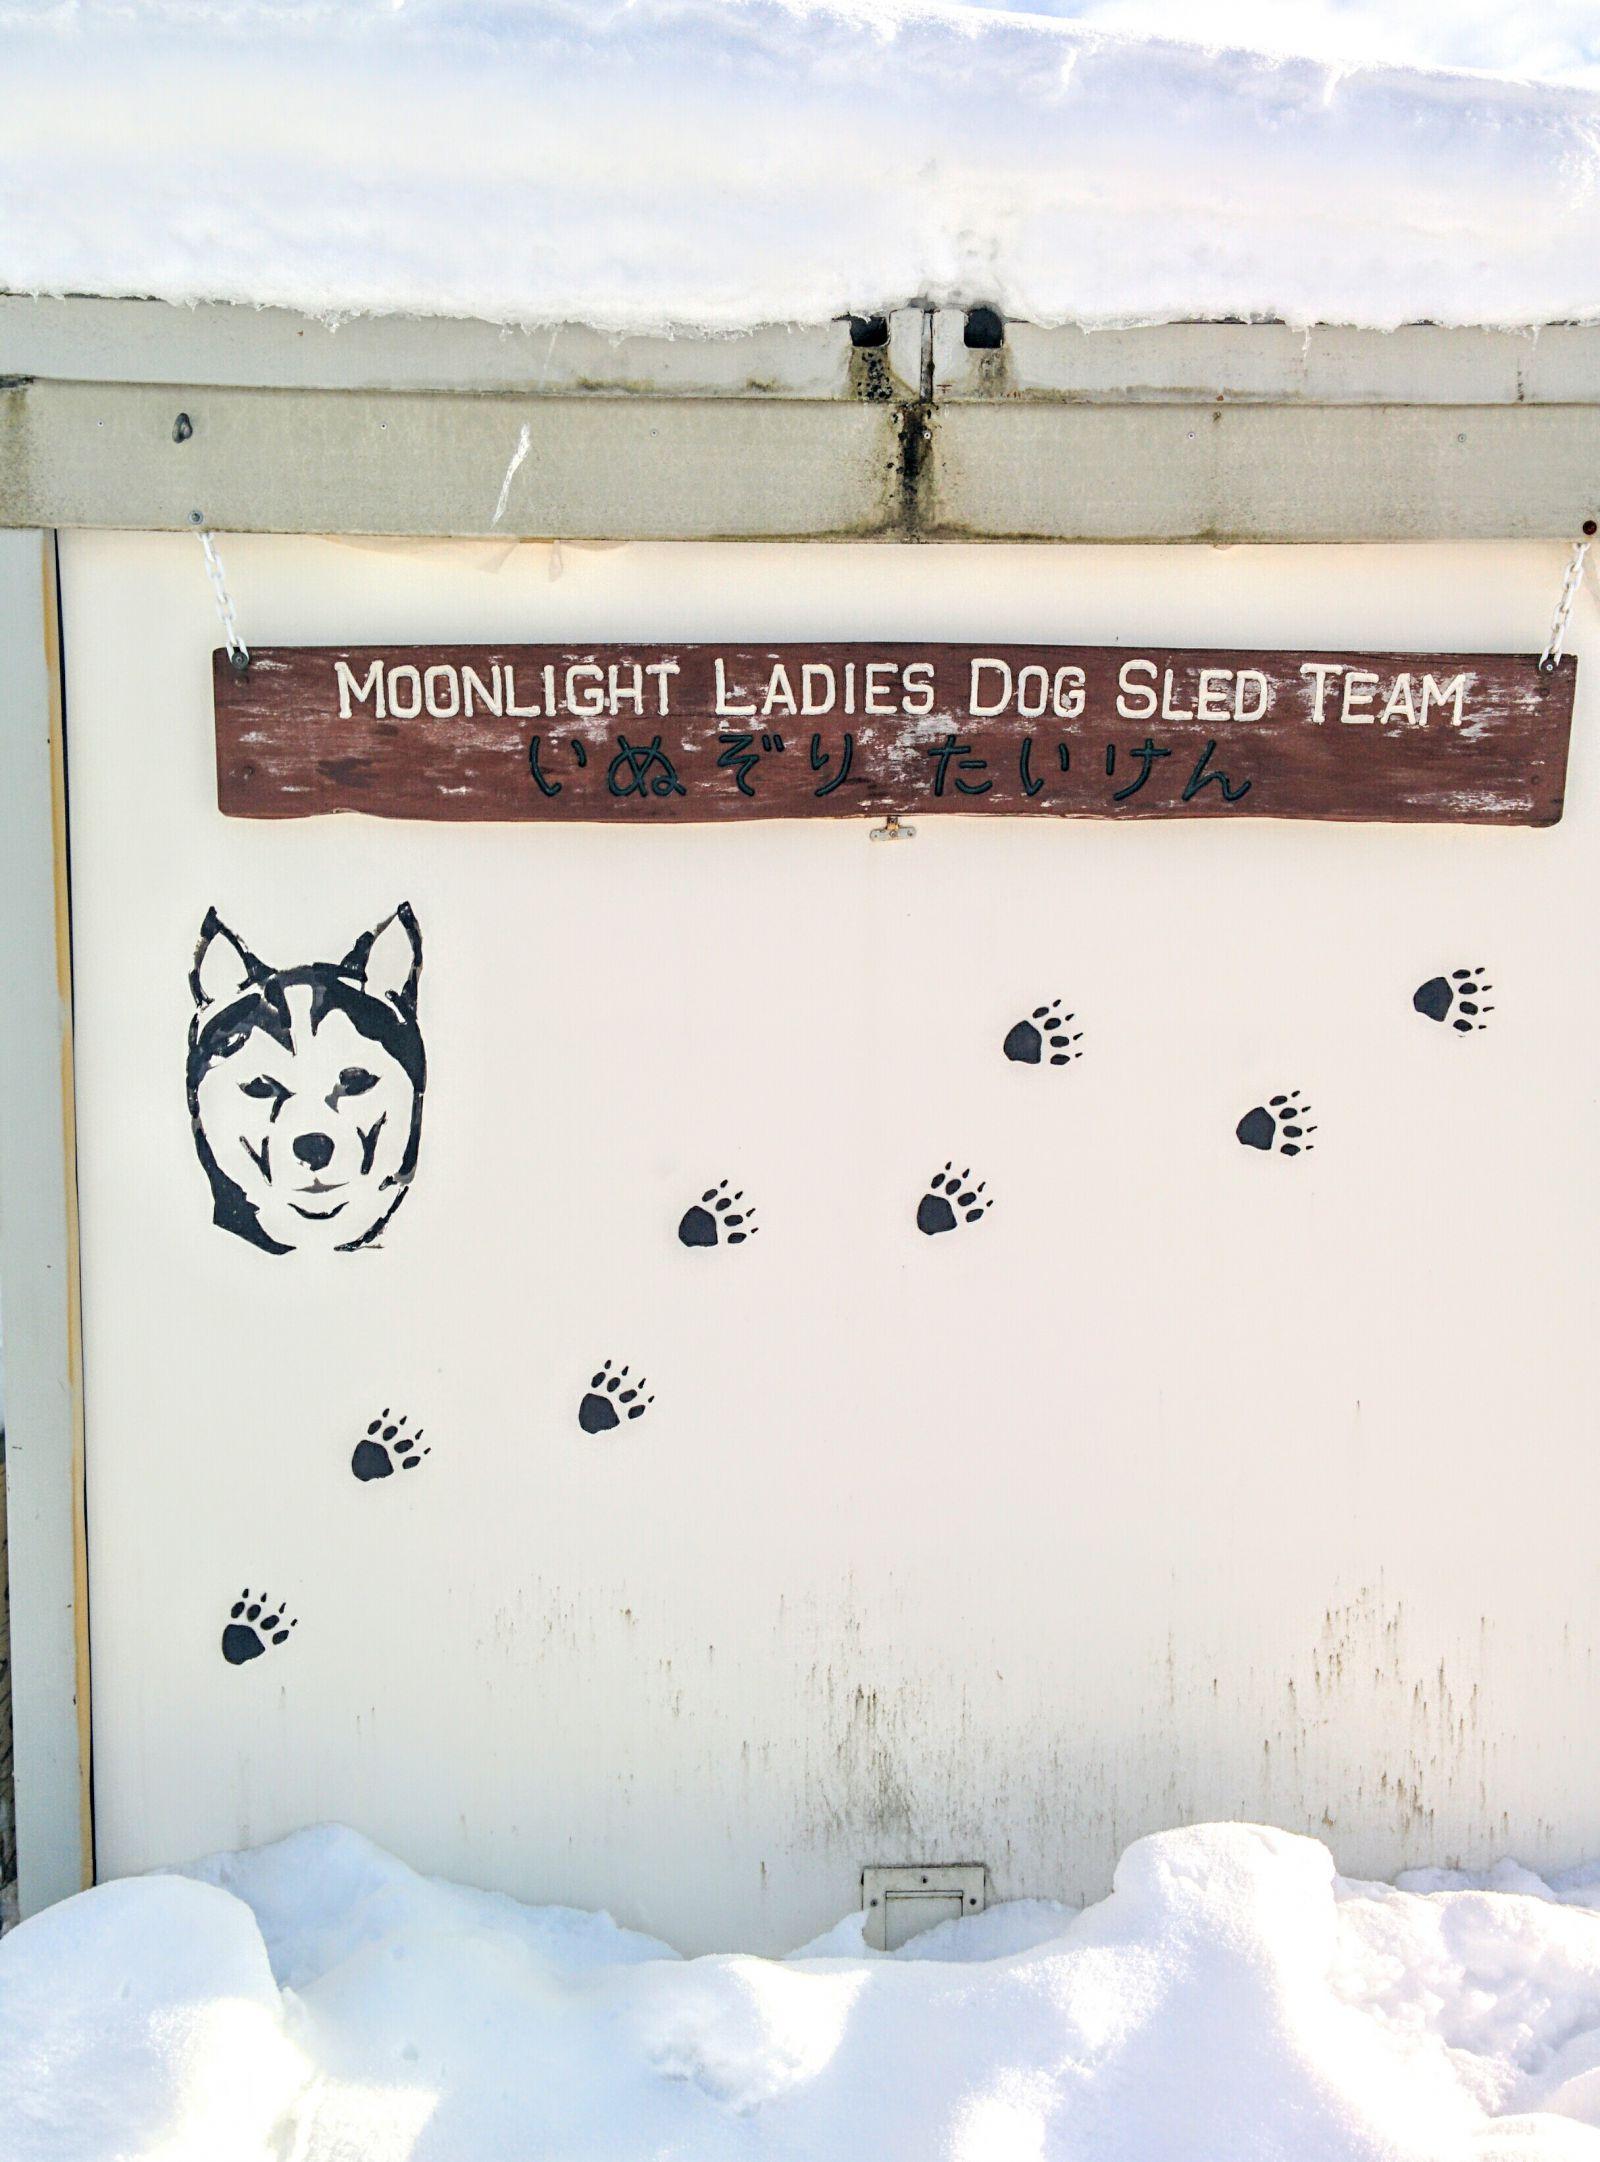 【鷹栖町】犬ぞり体験・ムーンライトレディース観光案内です。